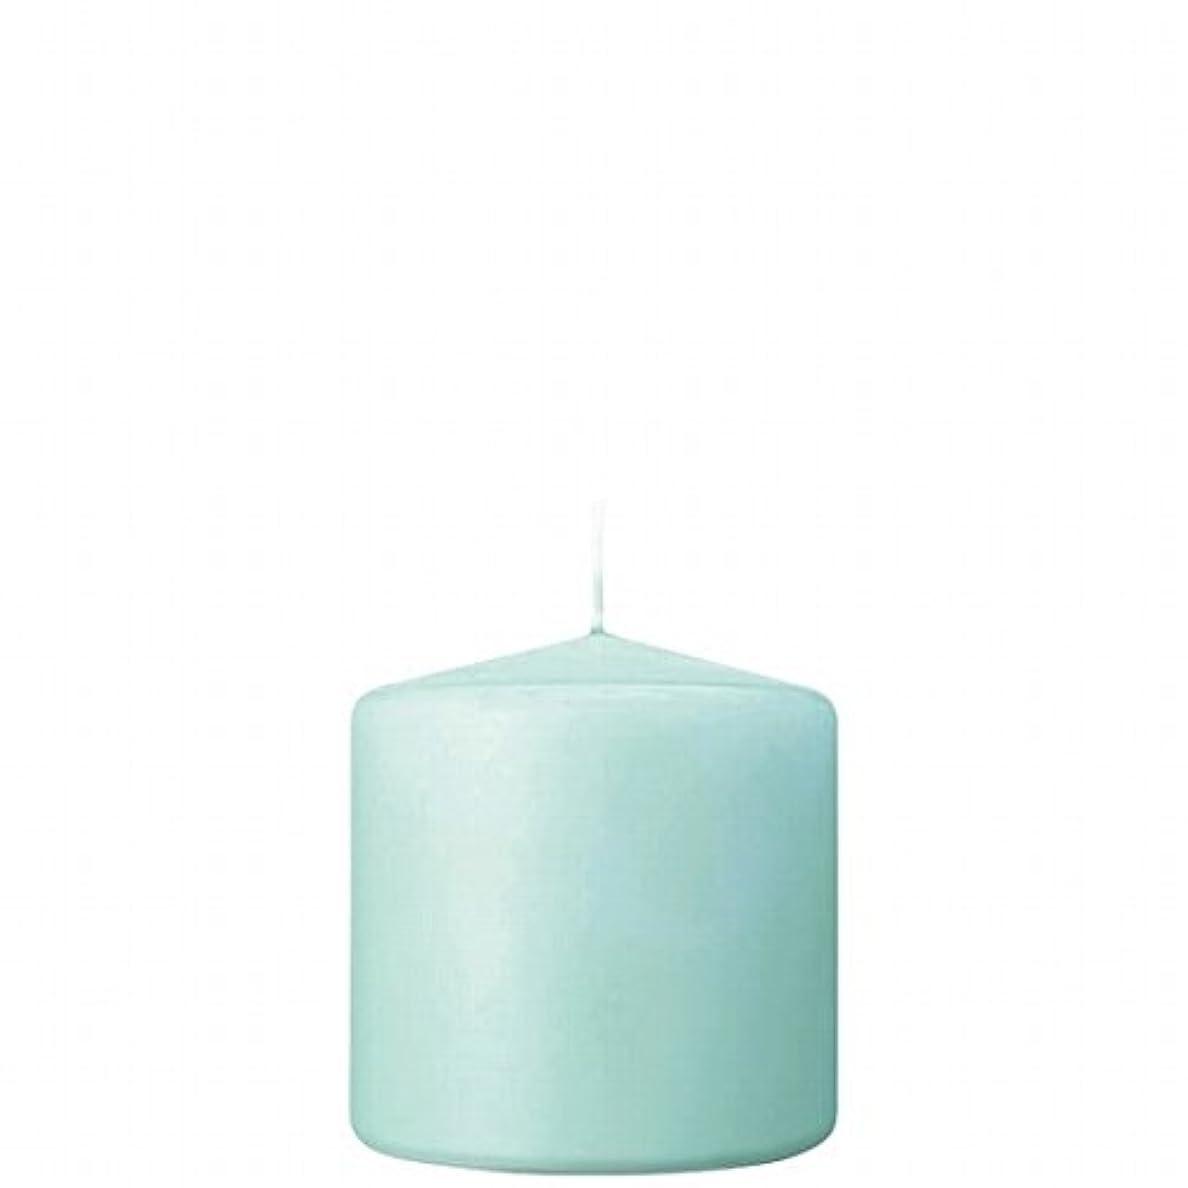 変化債権者明快カメヤマキャンドル(kameyama candle) 3×3ベルトップピラーキャンドル 「 ライトブルー 」